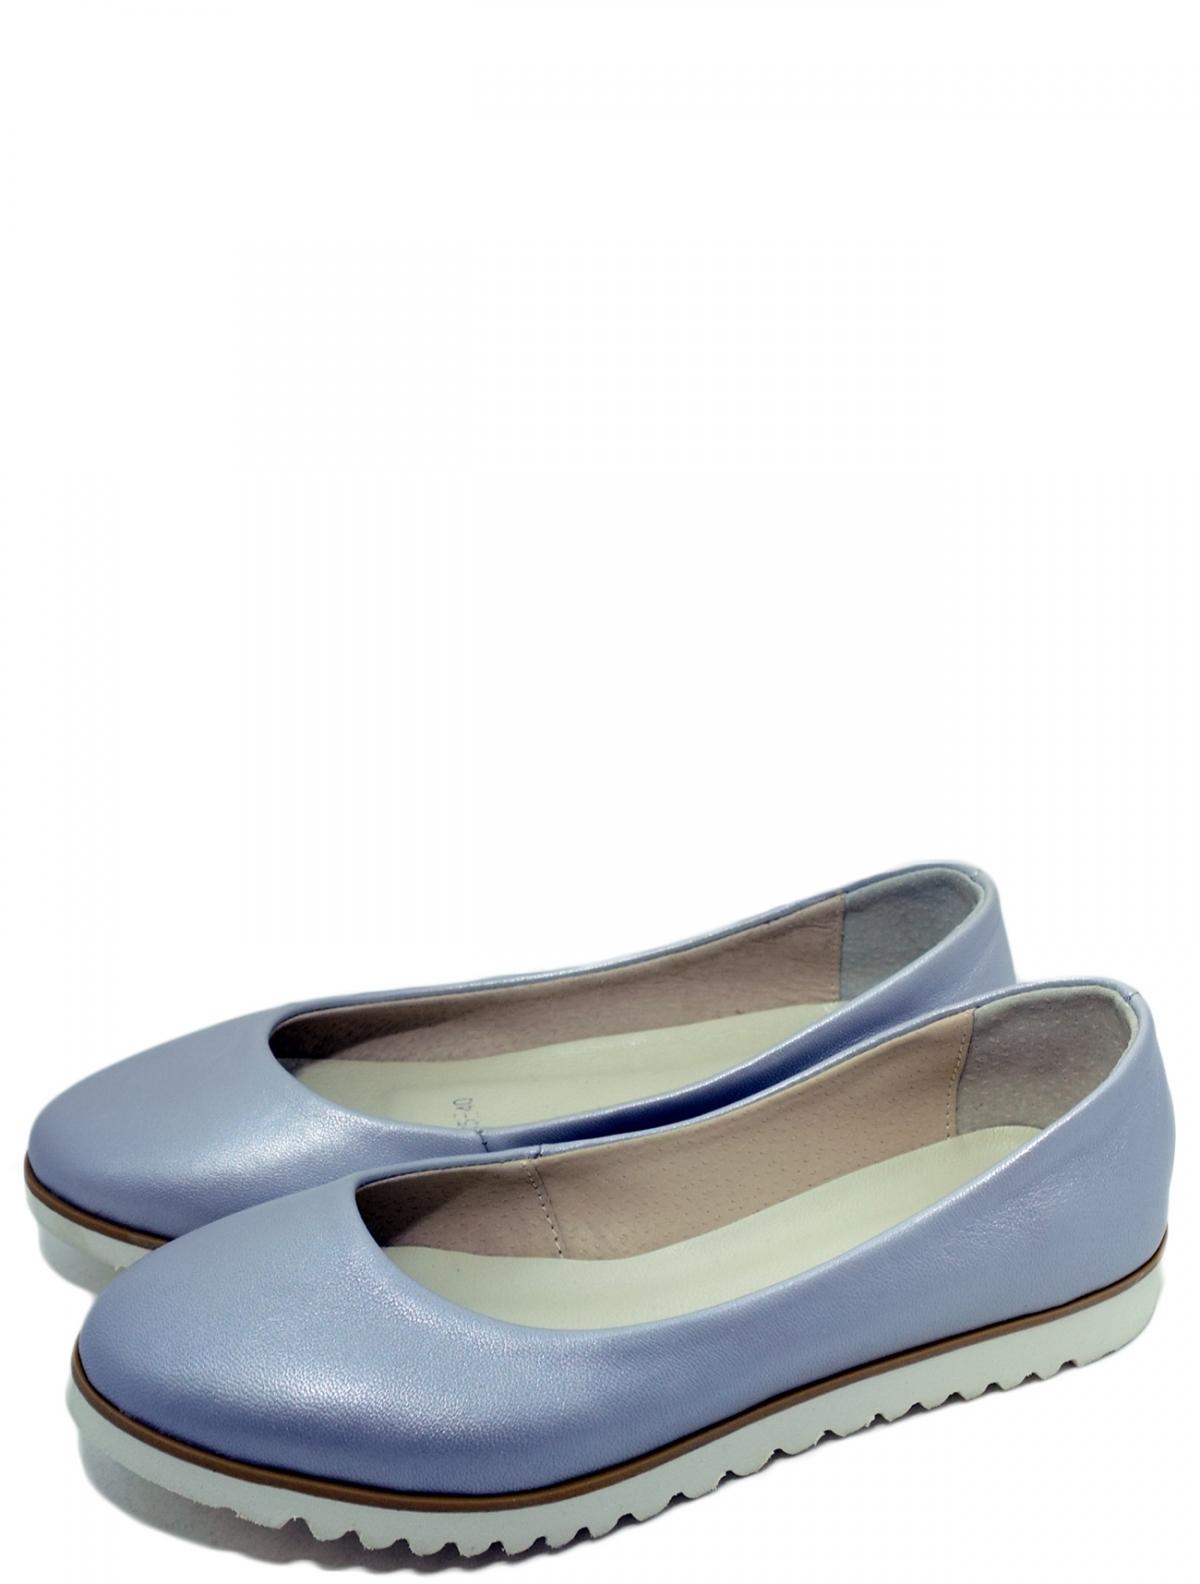 Selm 205-40 женские балетки